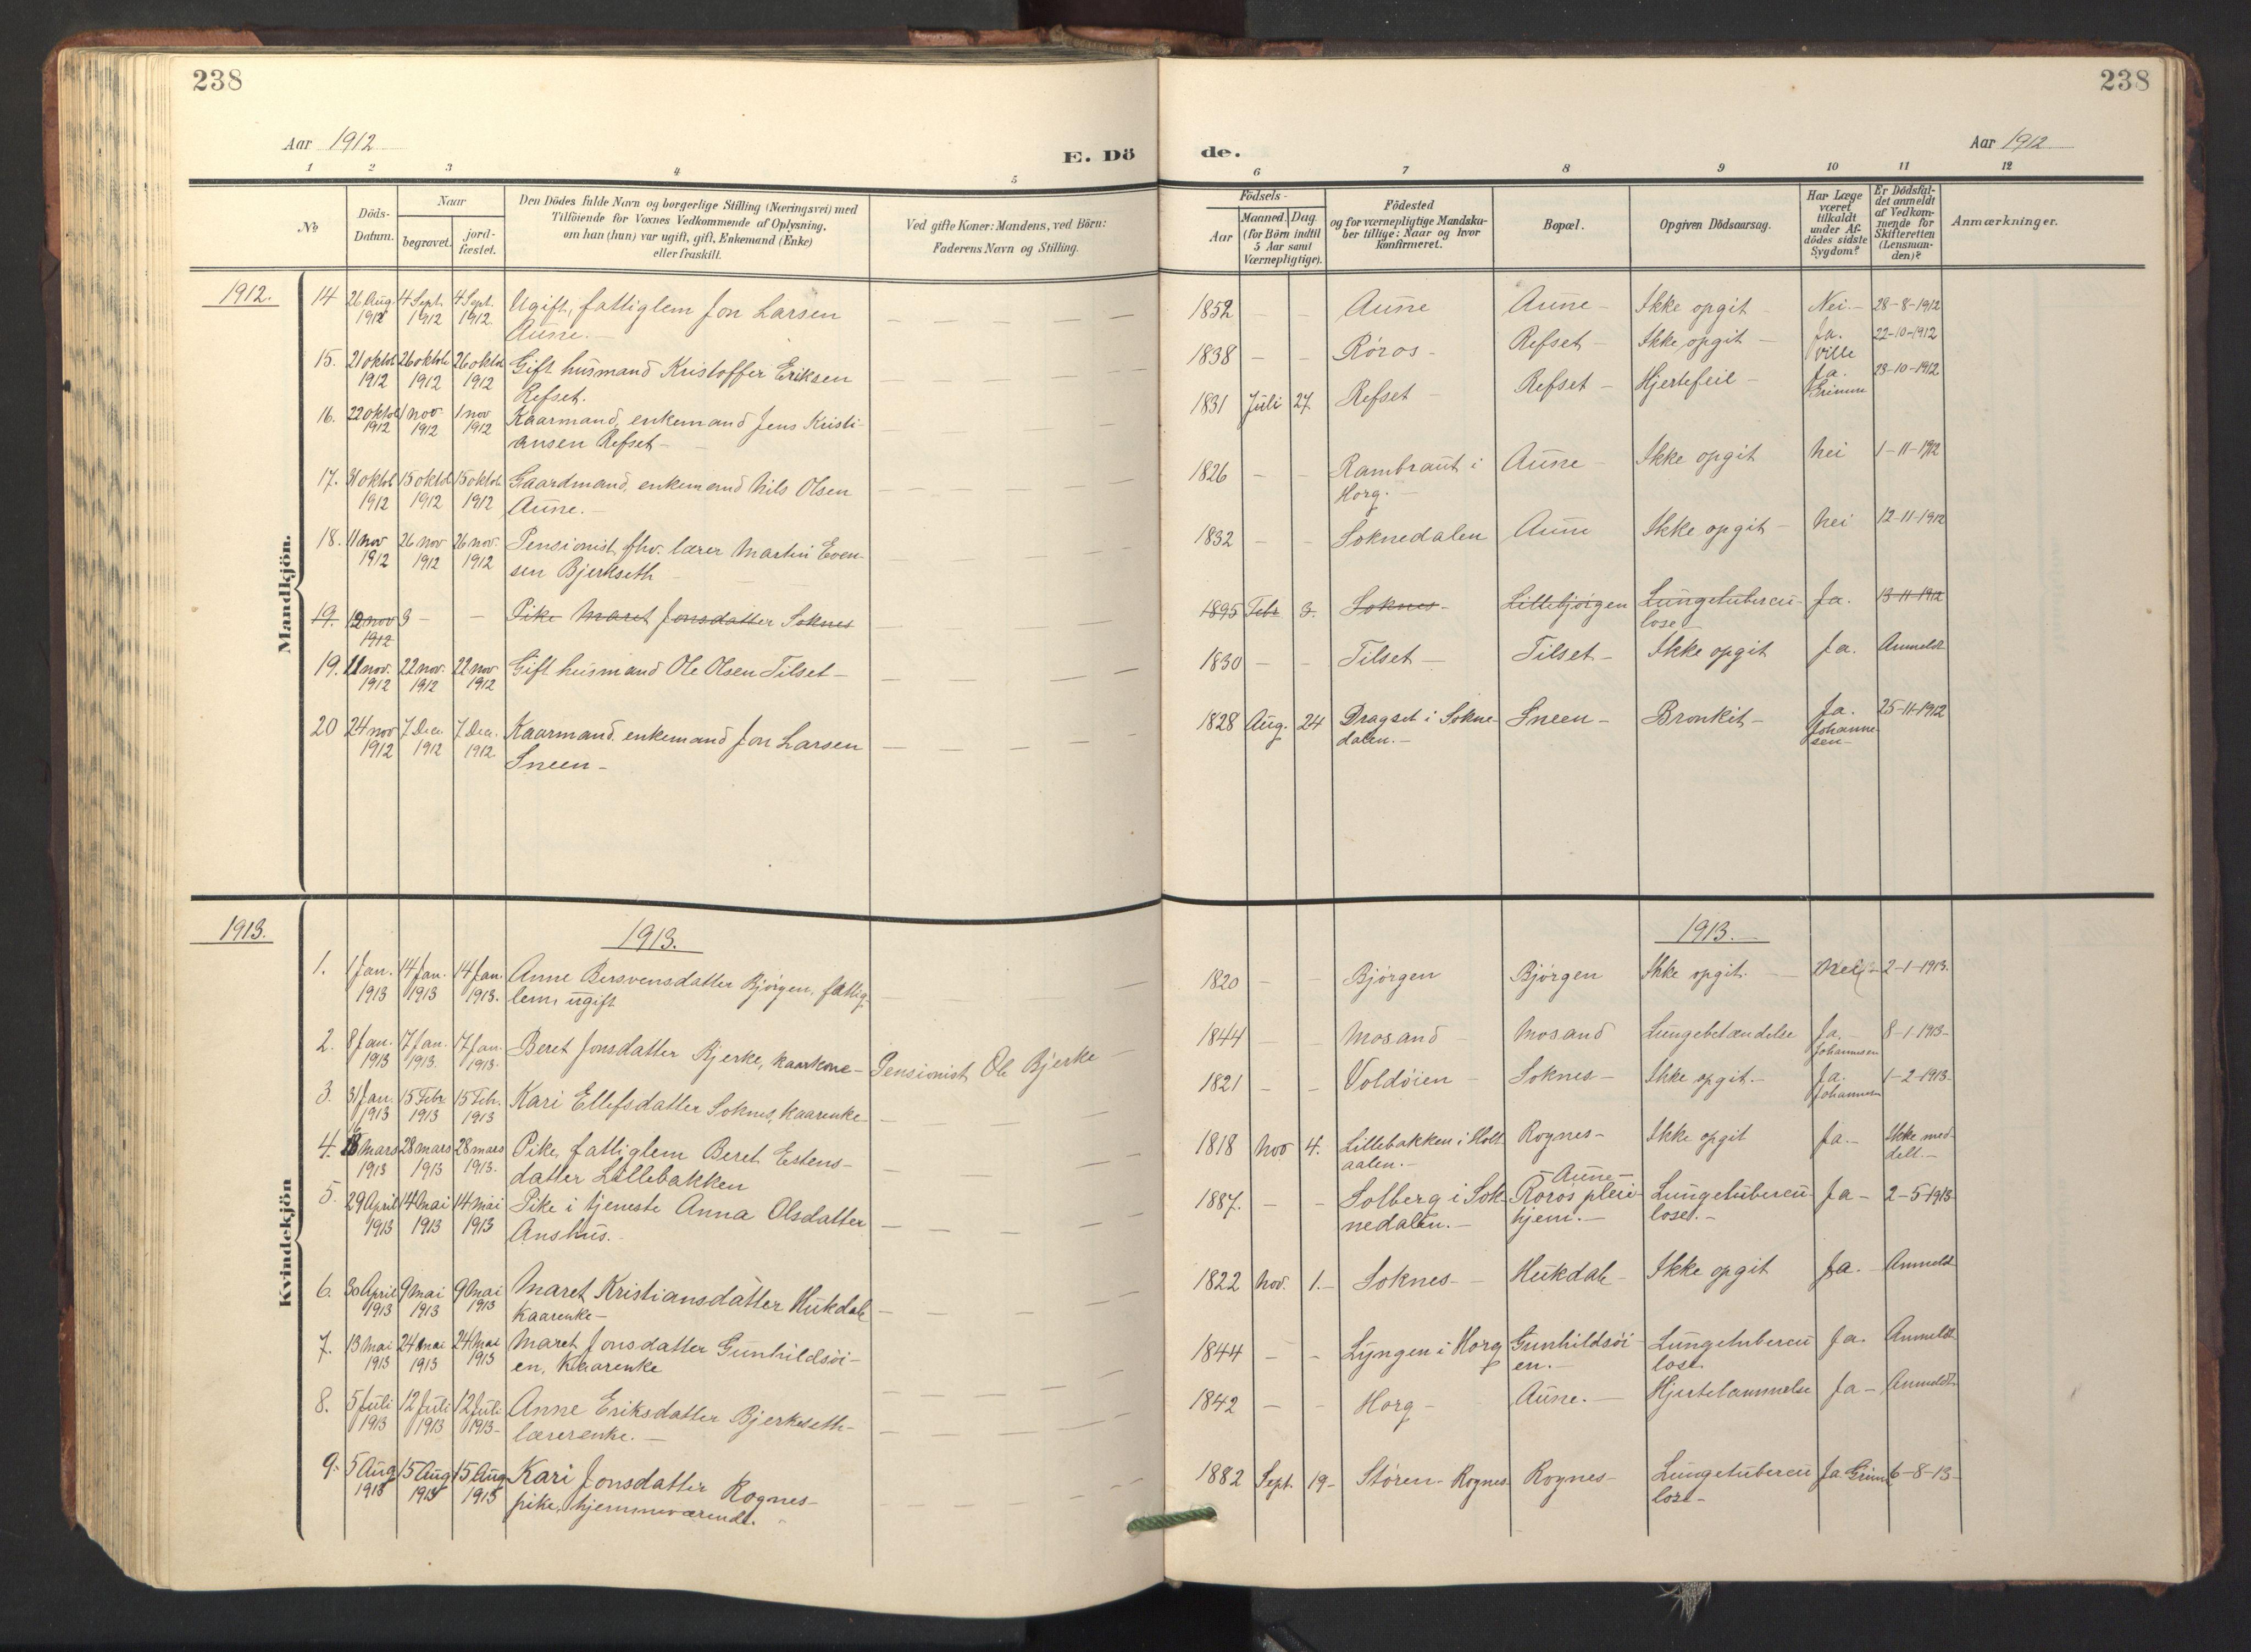 SAT, Ministerialprotokoller, klokkerbøker og fødselsregistre - Sør-Trøndelag, 687/L1019: Klokkerbok nr. 687C03, 1904-1931, s. 238